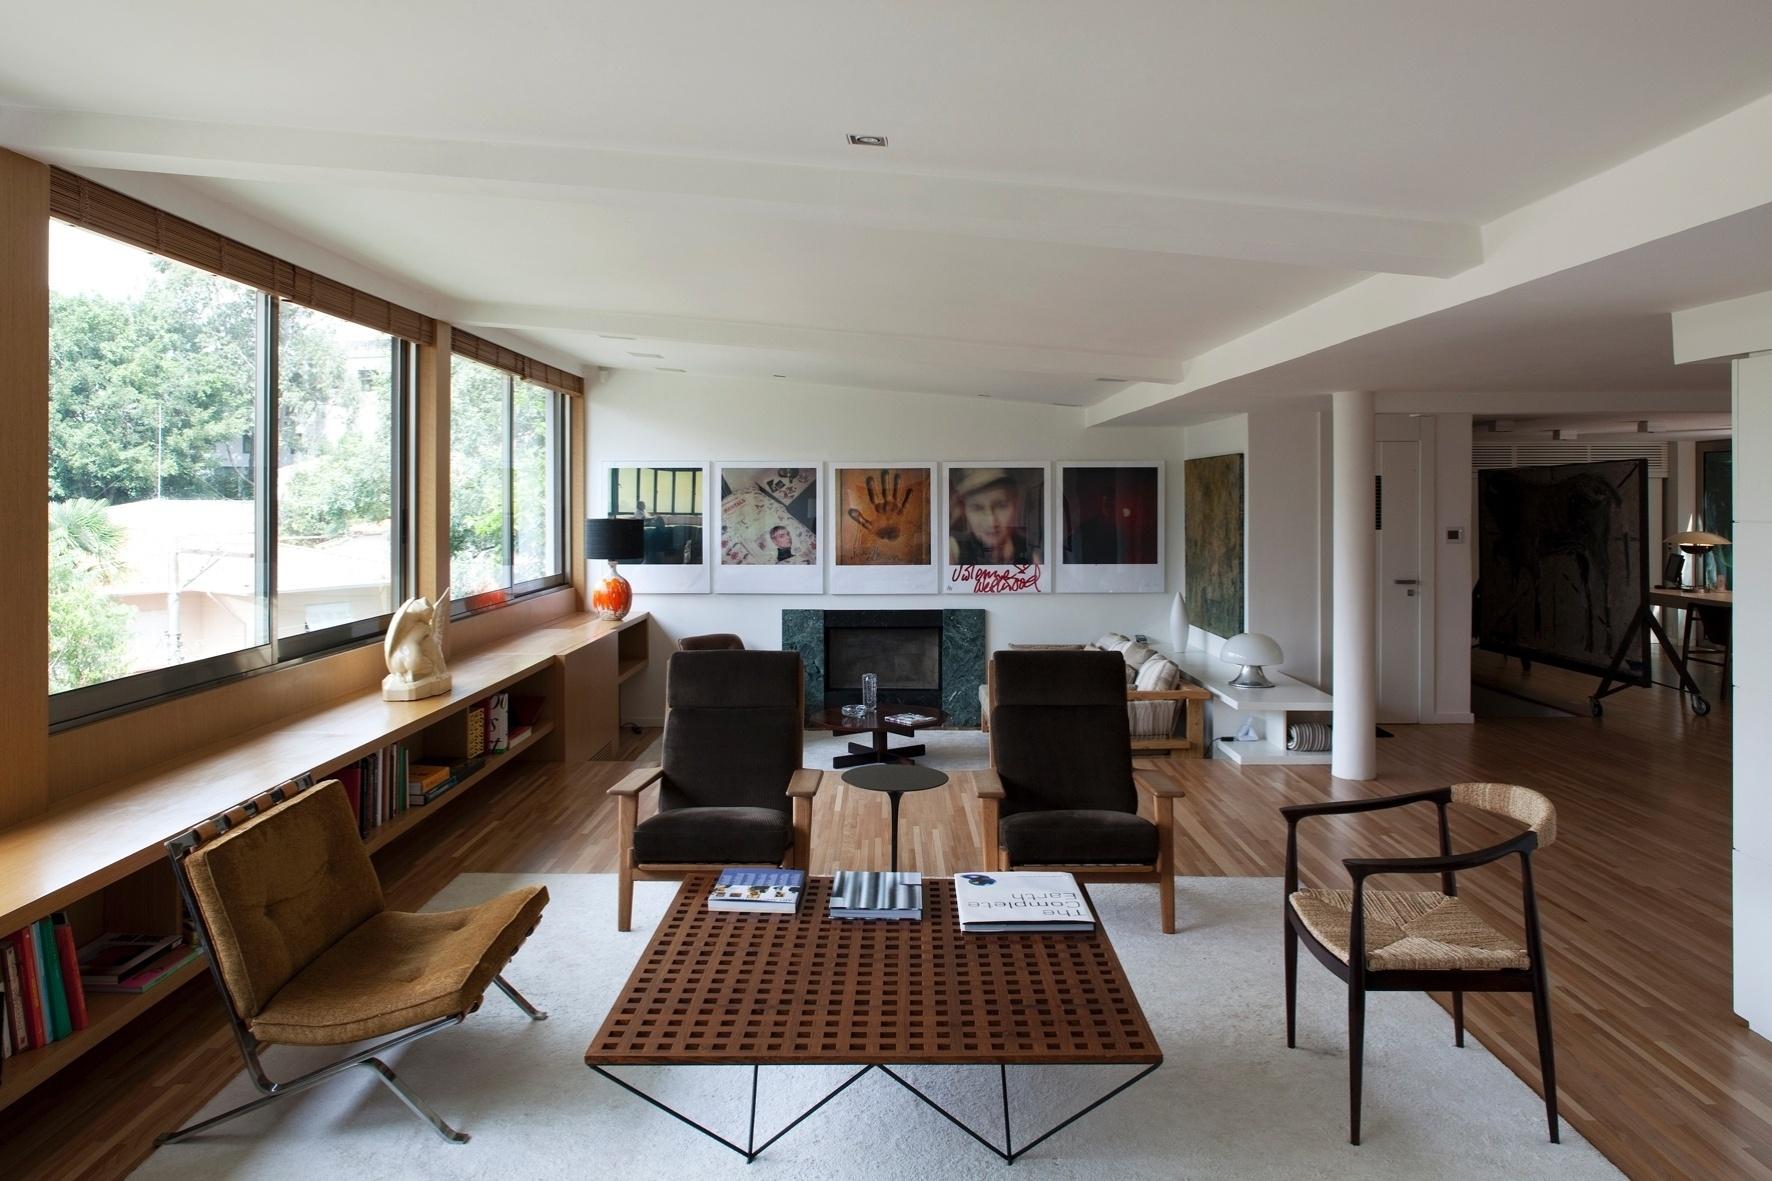 Na ampla sala de estar, a lareira instalada durante a reforma assinada por Arthur Casas aquece o ambiente junto às obras de arte. No espaço, os revestimentos foram trocados, mas a estrutura permanece tal como no projeto original do arquiteto João Batista Vilanova Artigas